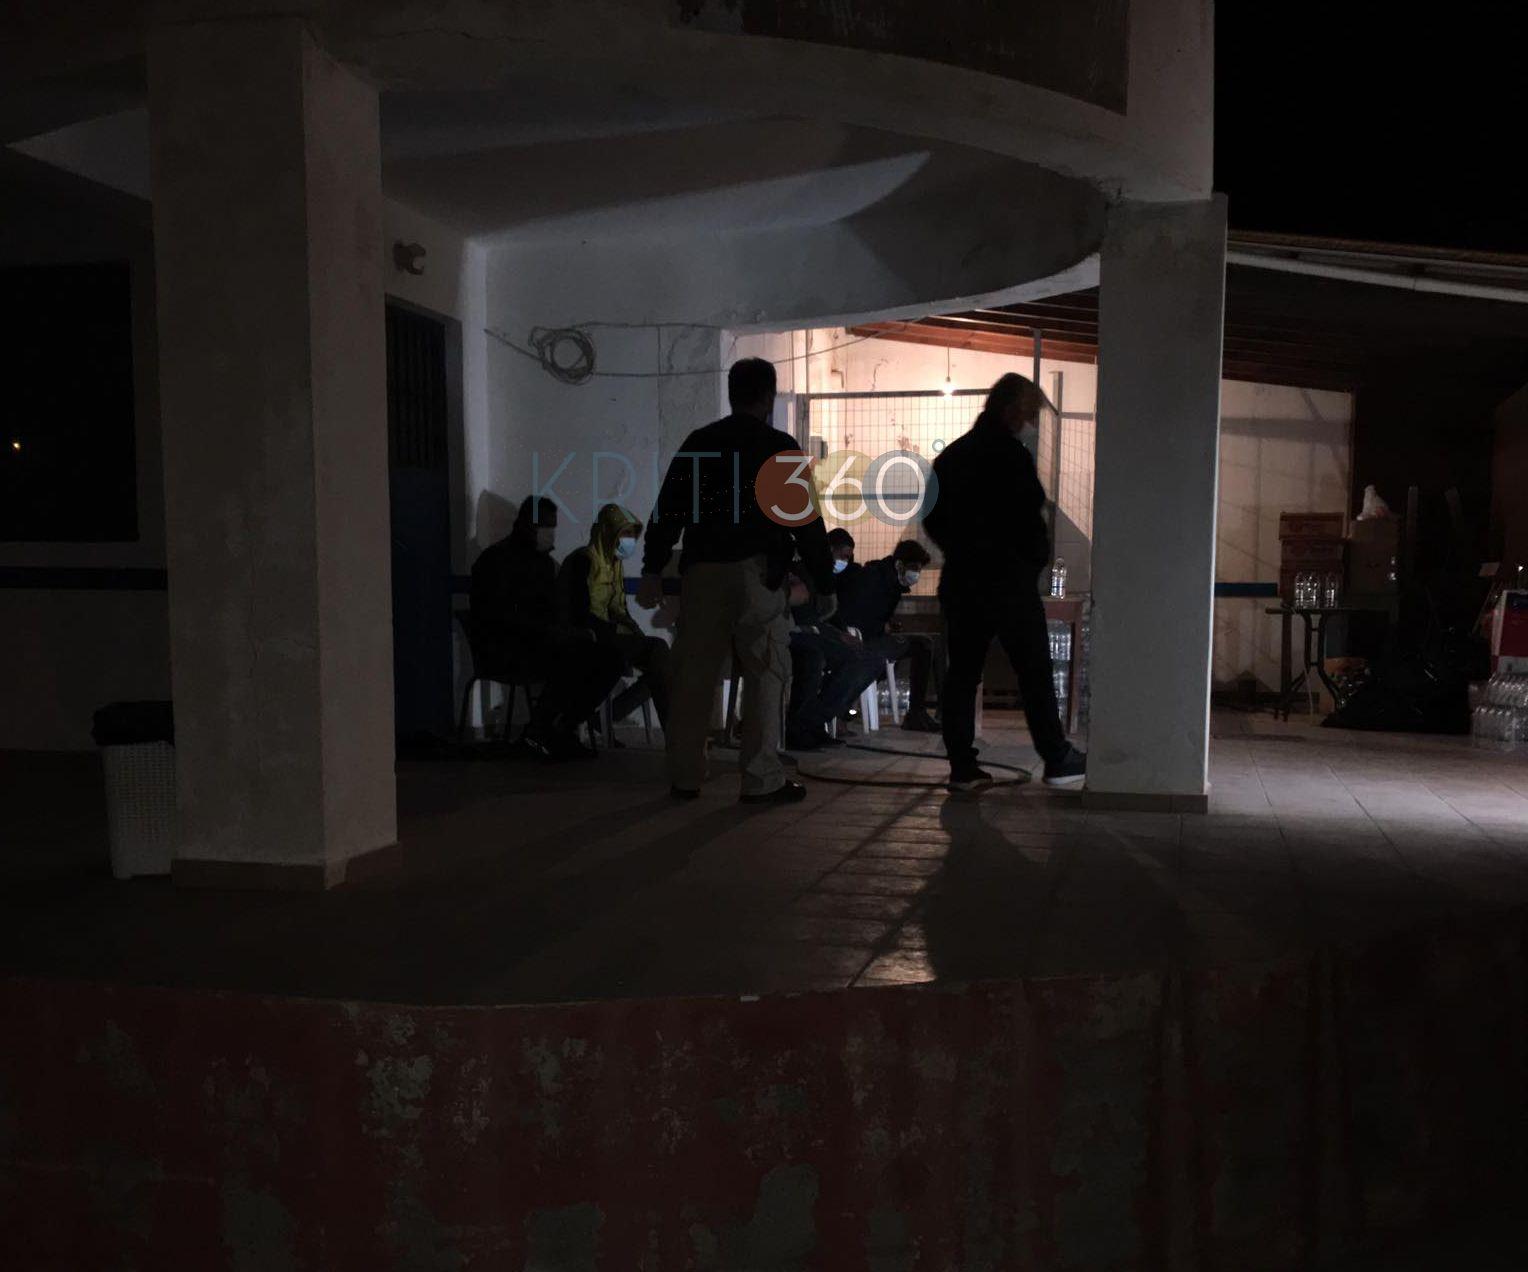 Βραδιά θρίλερ χθες στην Παλαιόχωρα – Στην κατασκήνωση του Καλαθά οι 152 πρόσφυγες (pics)